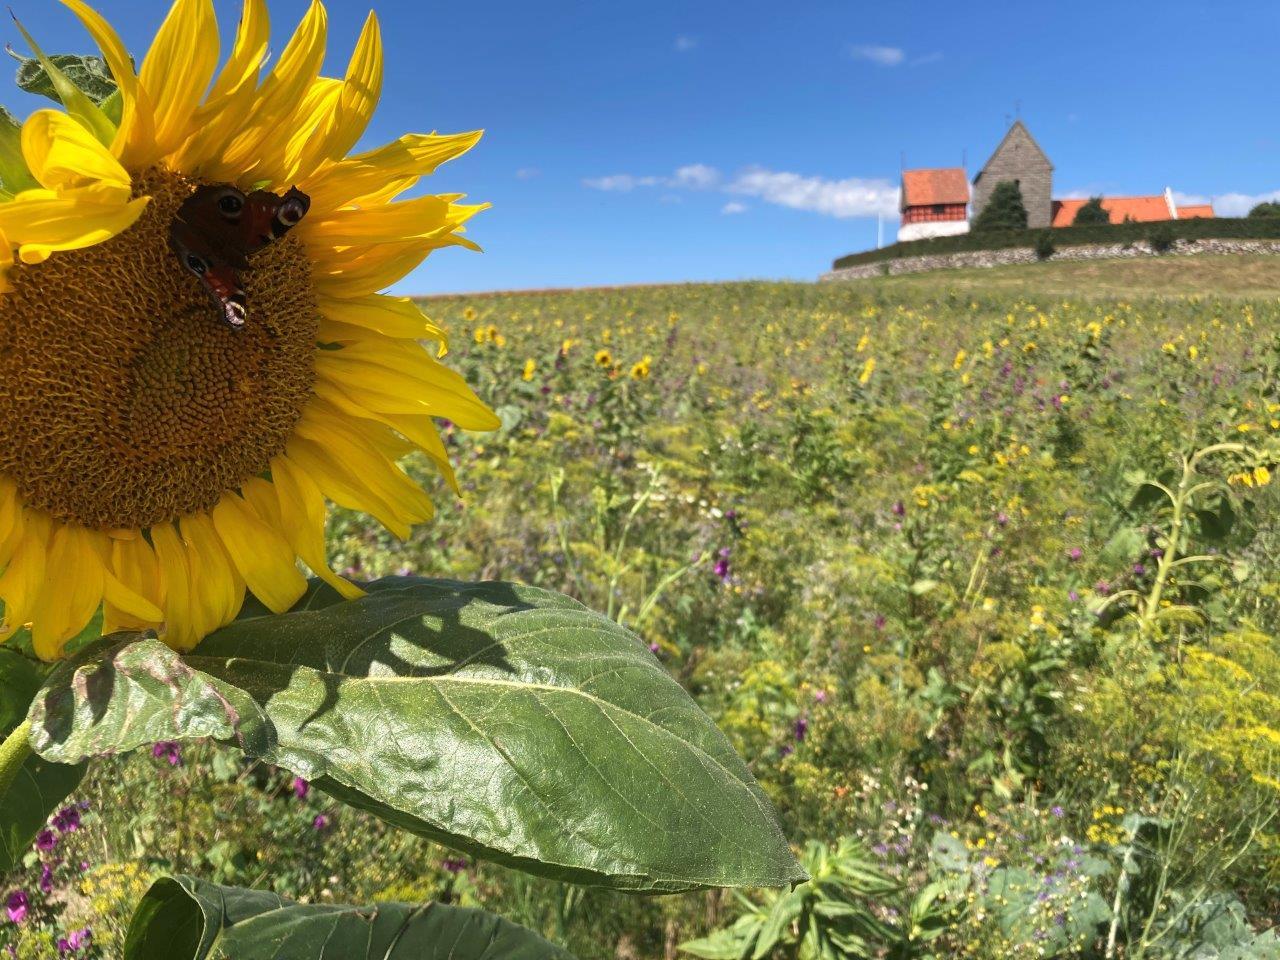 Honningplanter flerårig. Fotograferet ved Rutsaf Klaus Petersen. LBF ved Rutsker Kirke, august 2021,